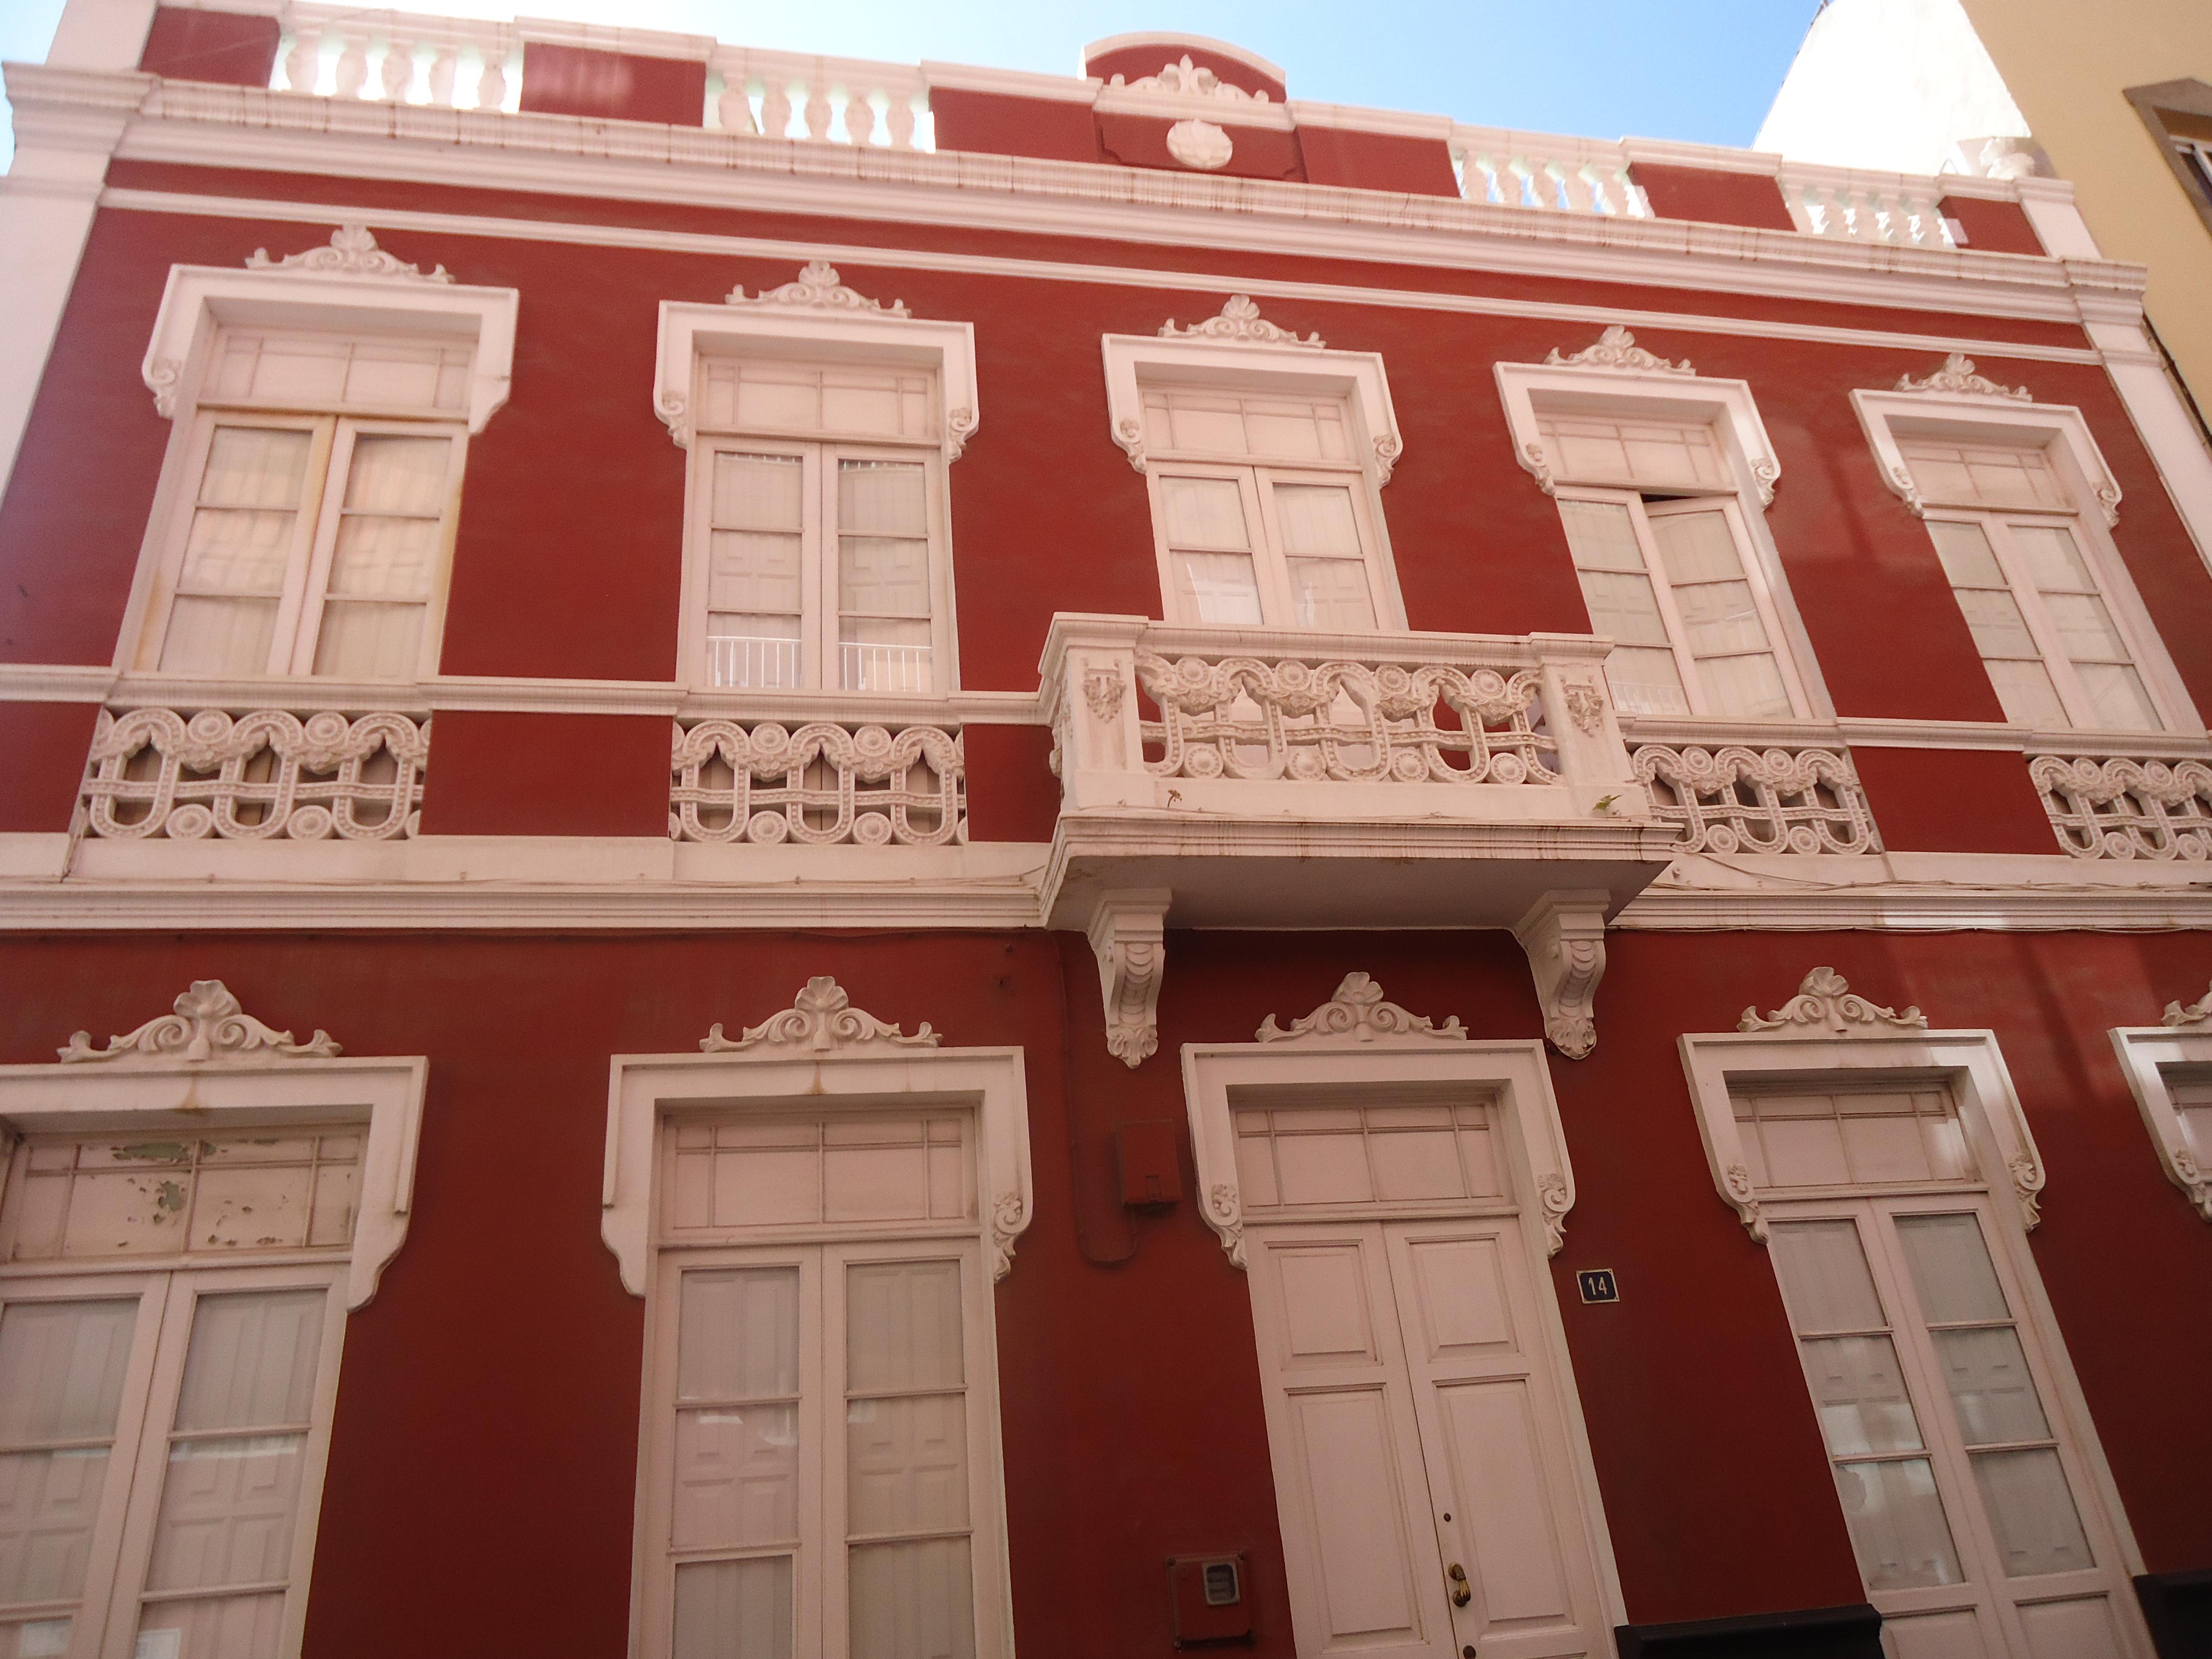 Archivofachada Casa Colonialjpg Wikipedia La Enciclopedia Libre